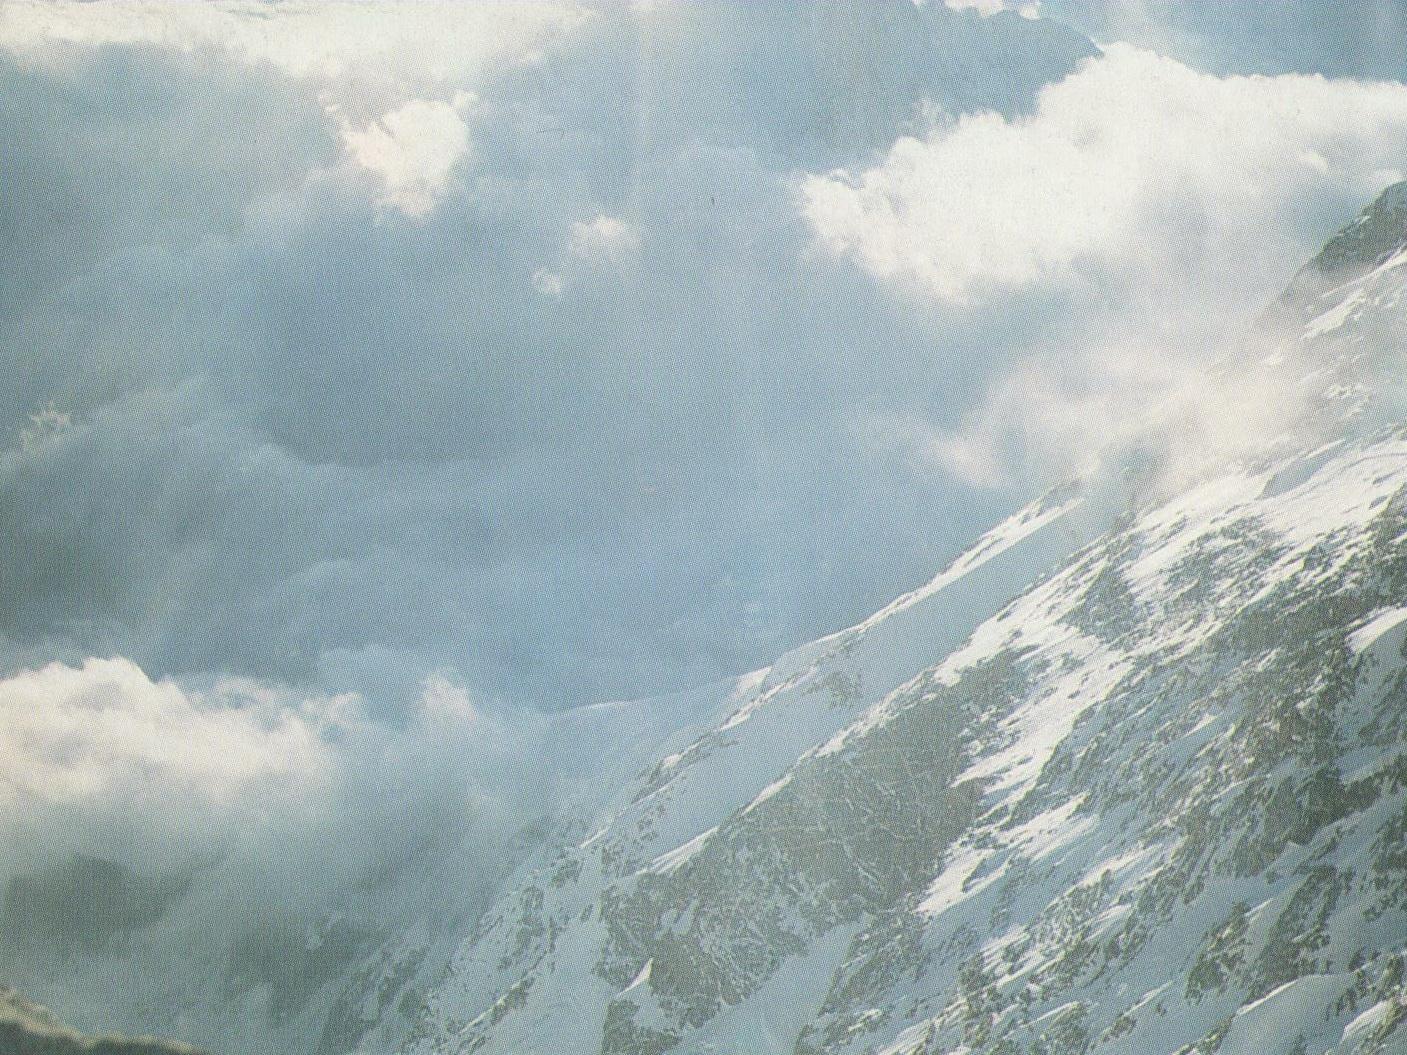 Виды на юг с вершины Главная Канченджанга